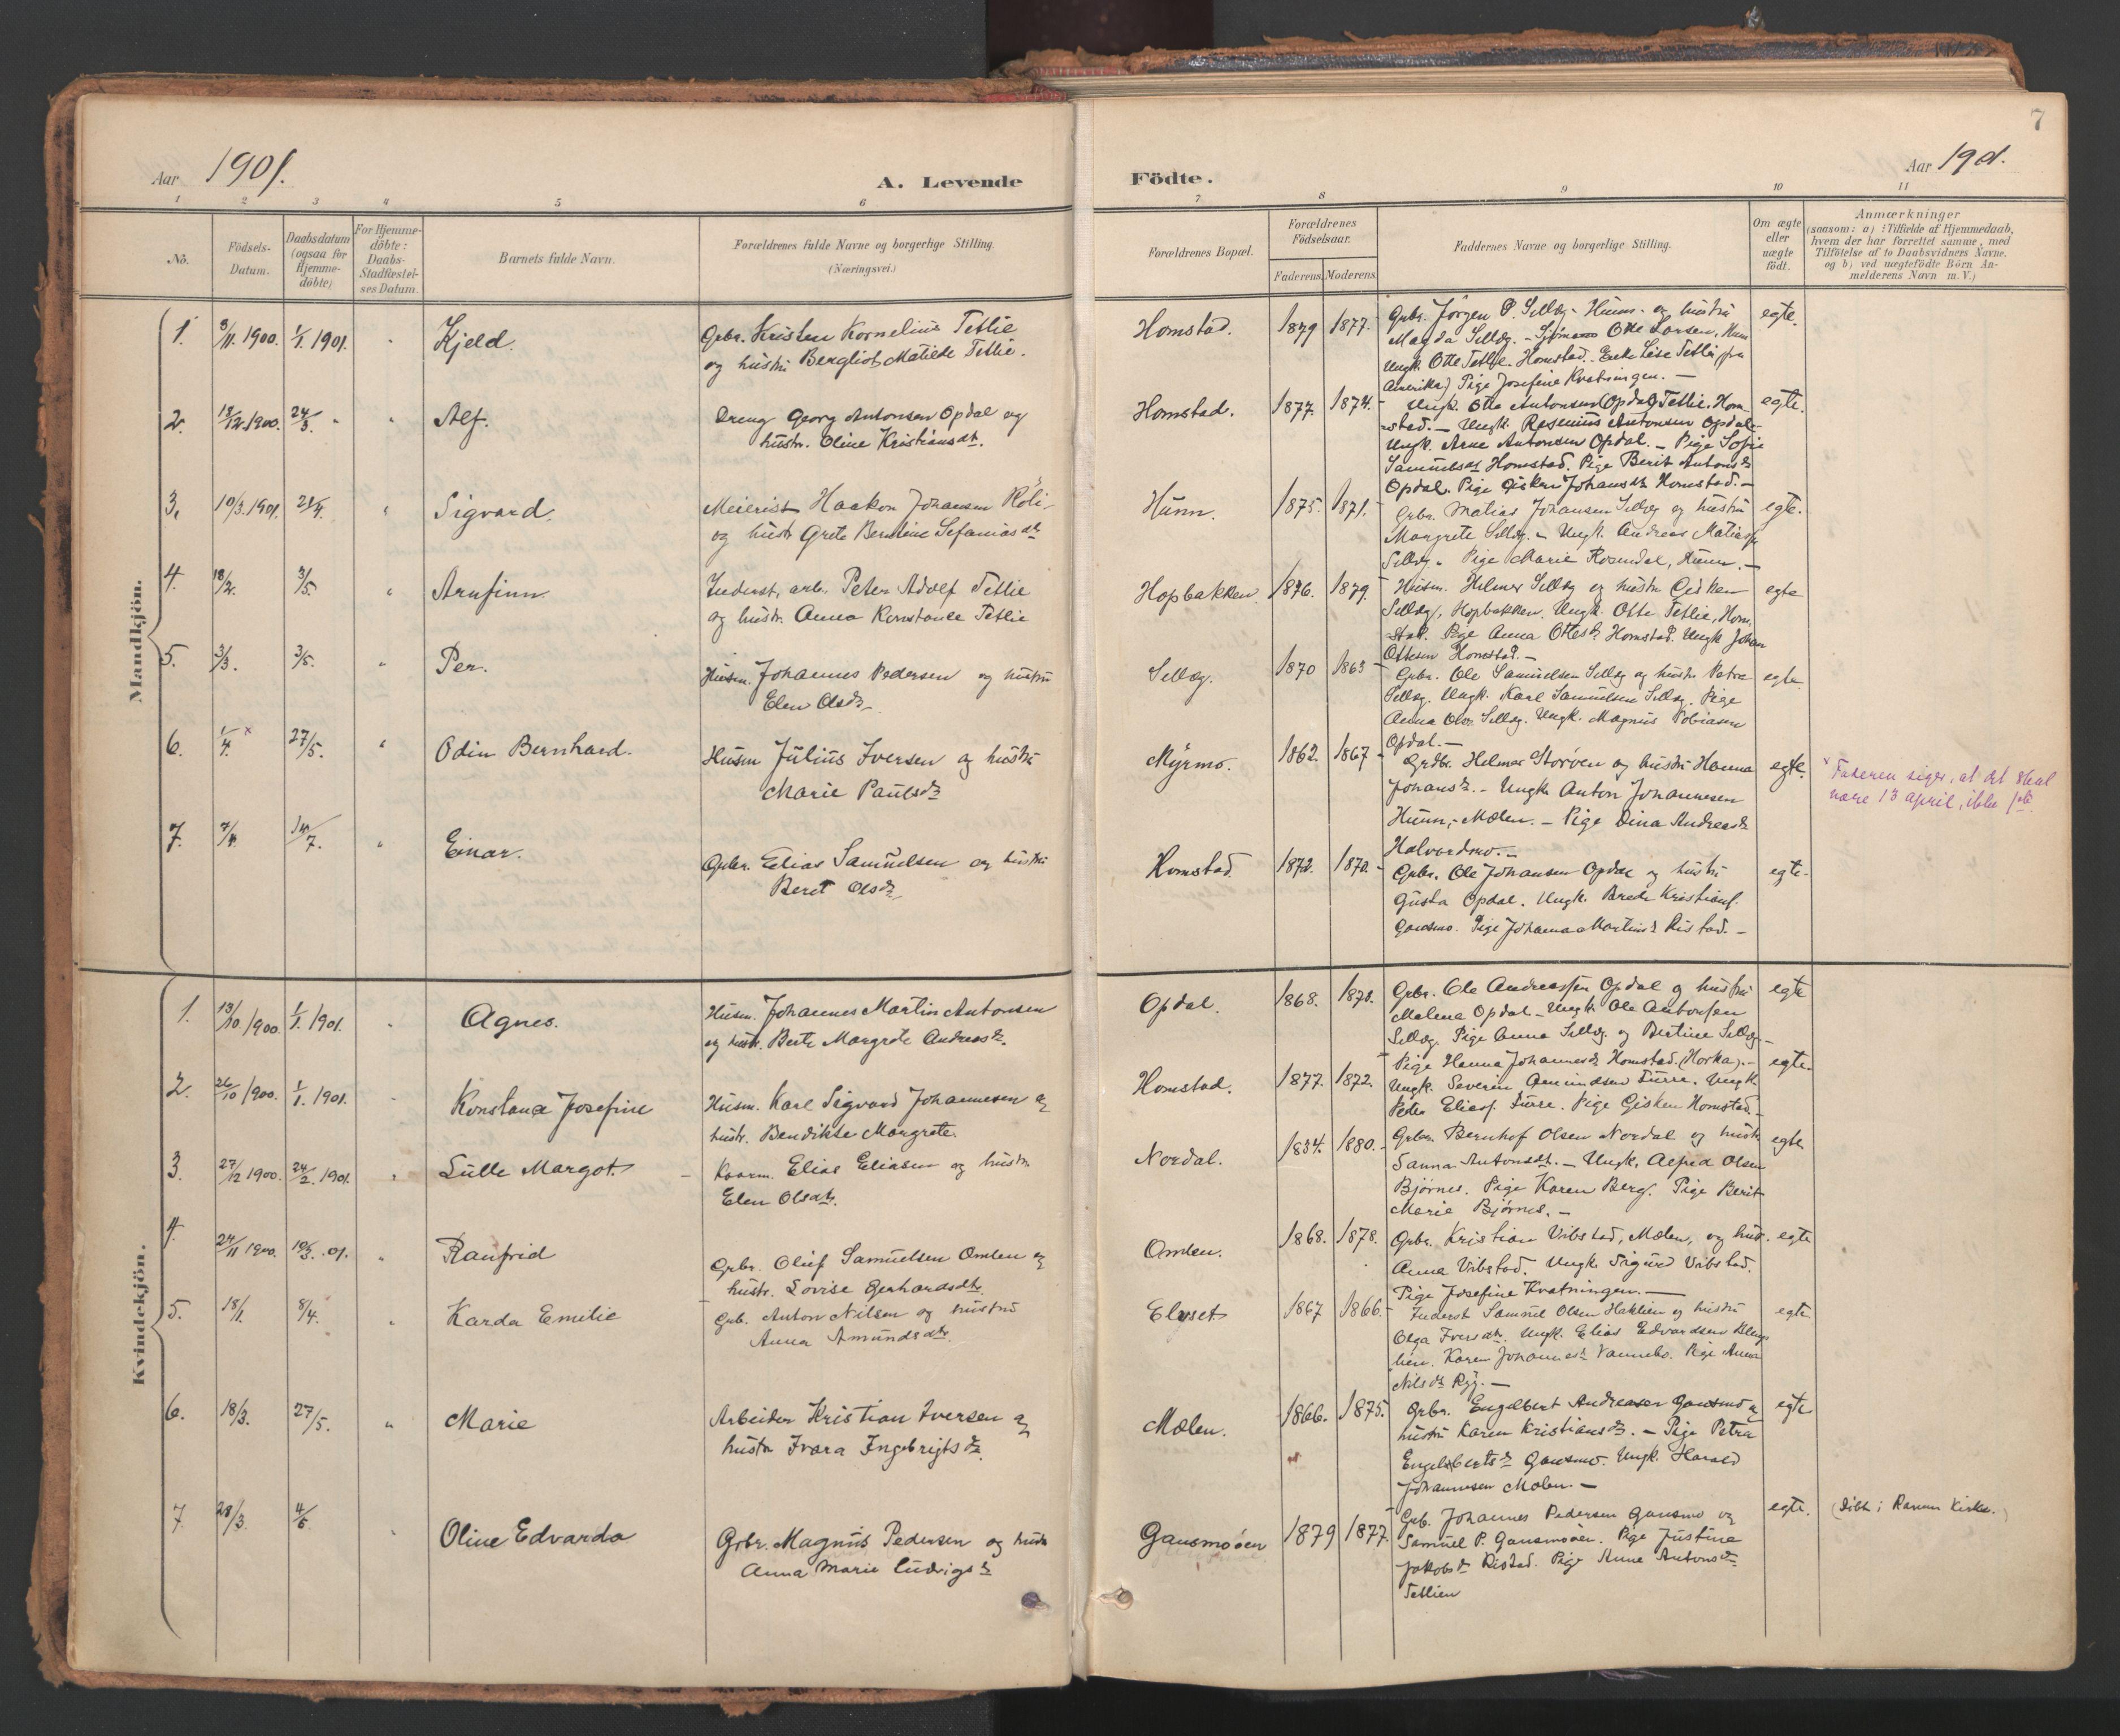 SAT, Ministerialprotokoller, klokkerbøker og fødselsregistre - Nord-Trøndelag, 766/L0564: Ministerialbok nr. 767A02, 1900-1932, s. 7